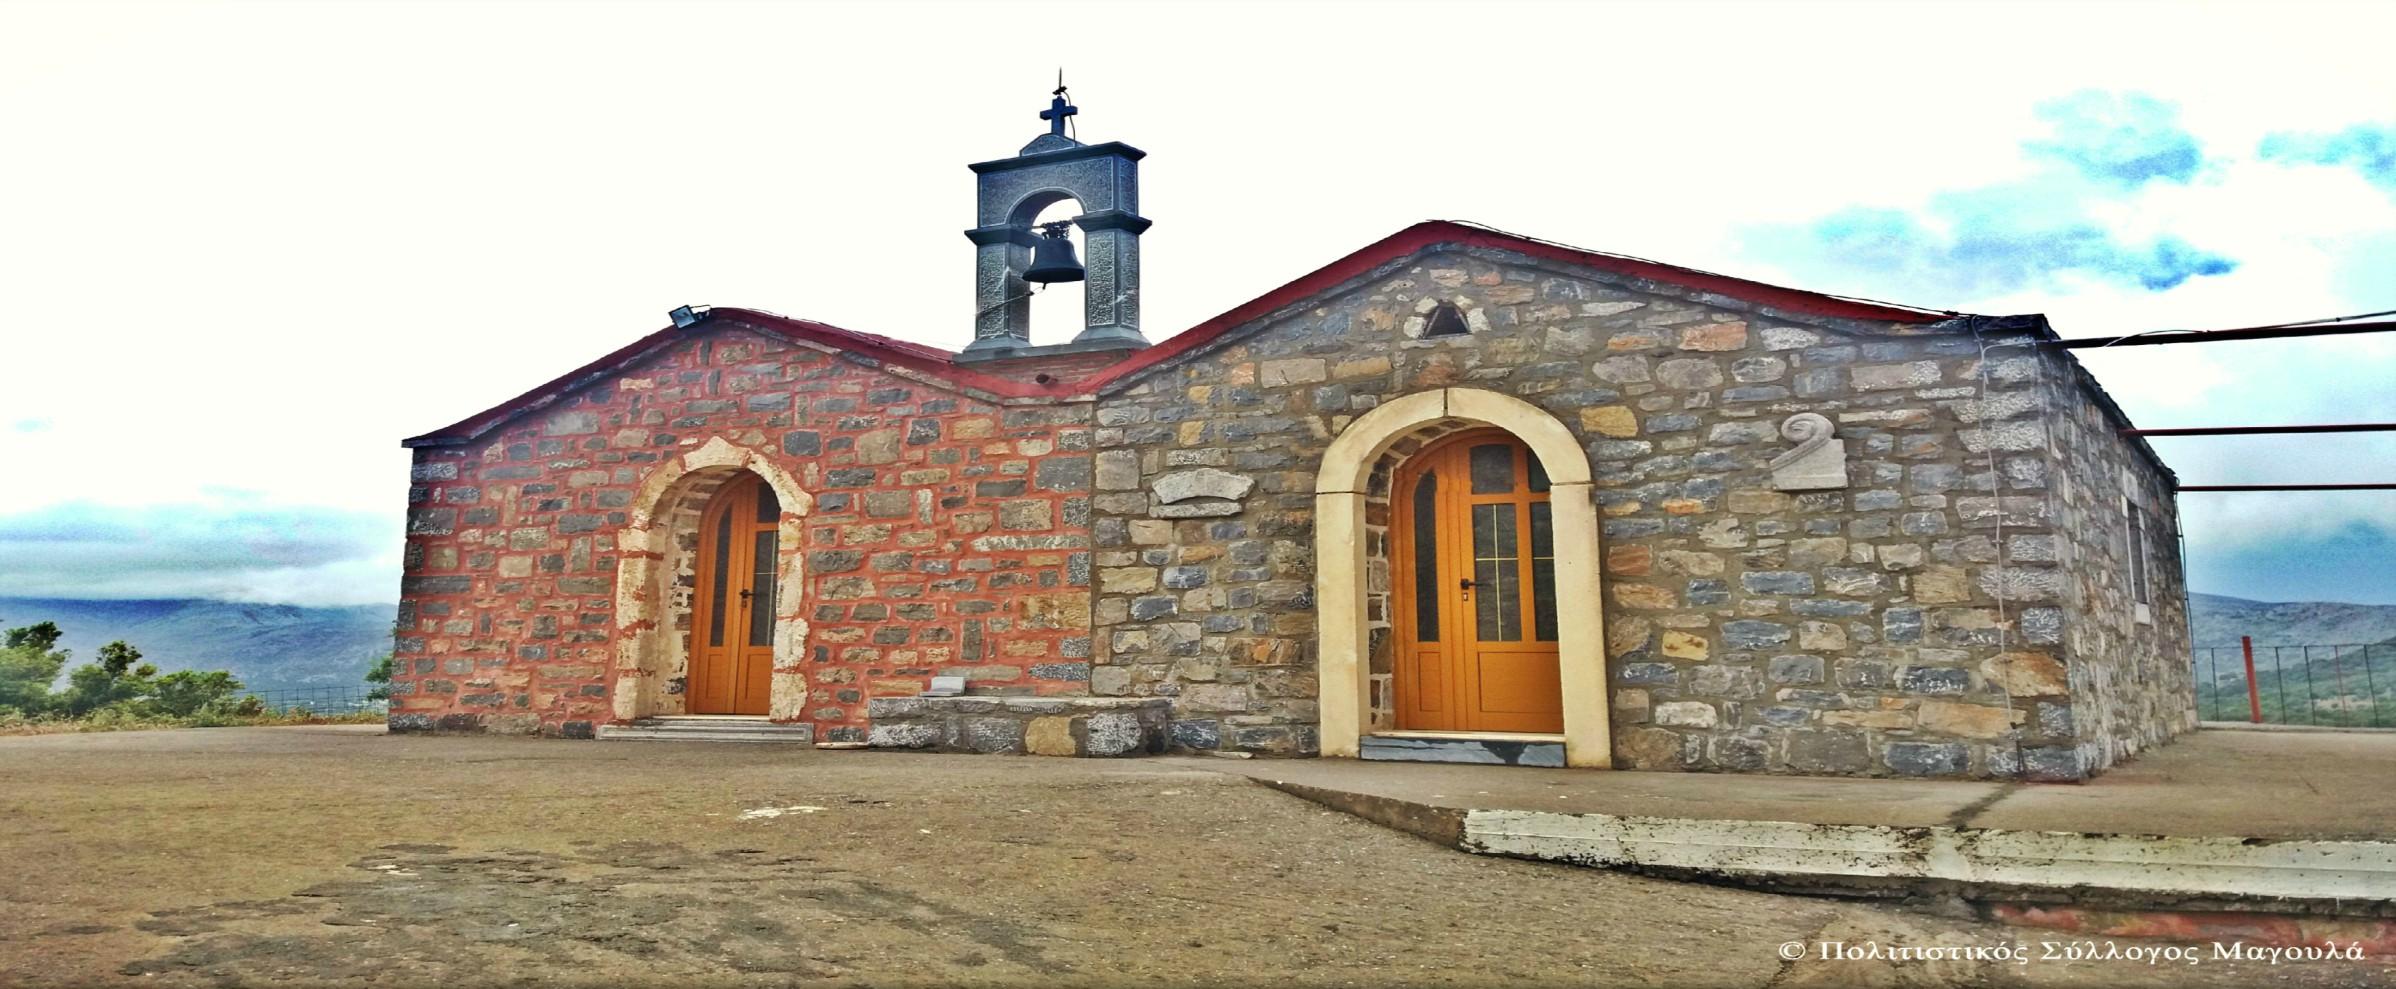 Άγιος Αντώνιος και Αγία Μαρίνα του Μαγουλά- St Antonios and St Marina of Magoulas